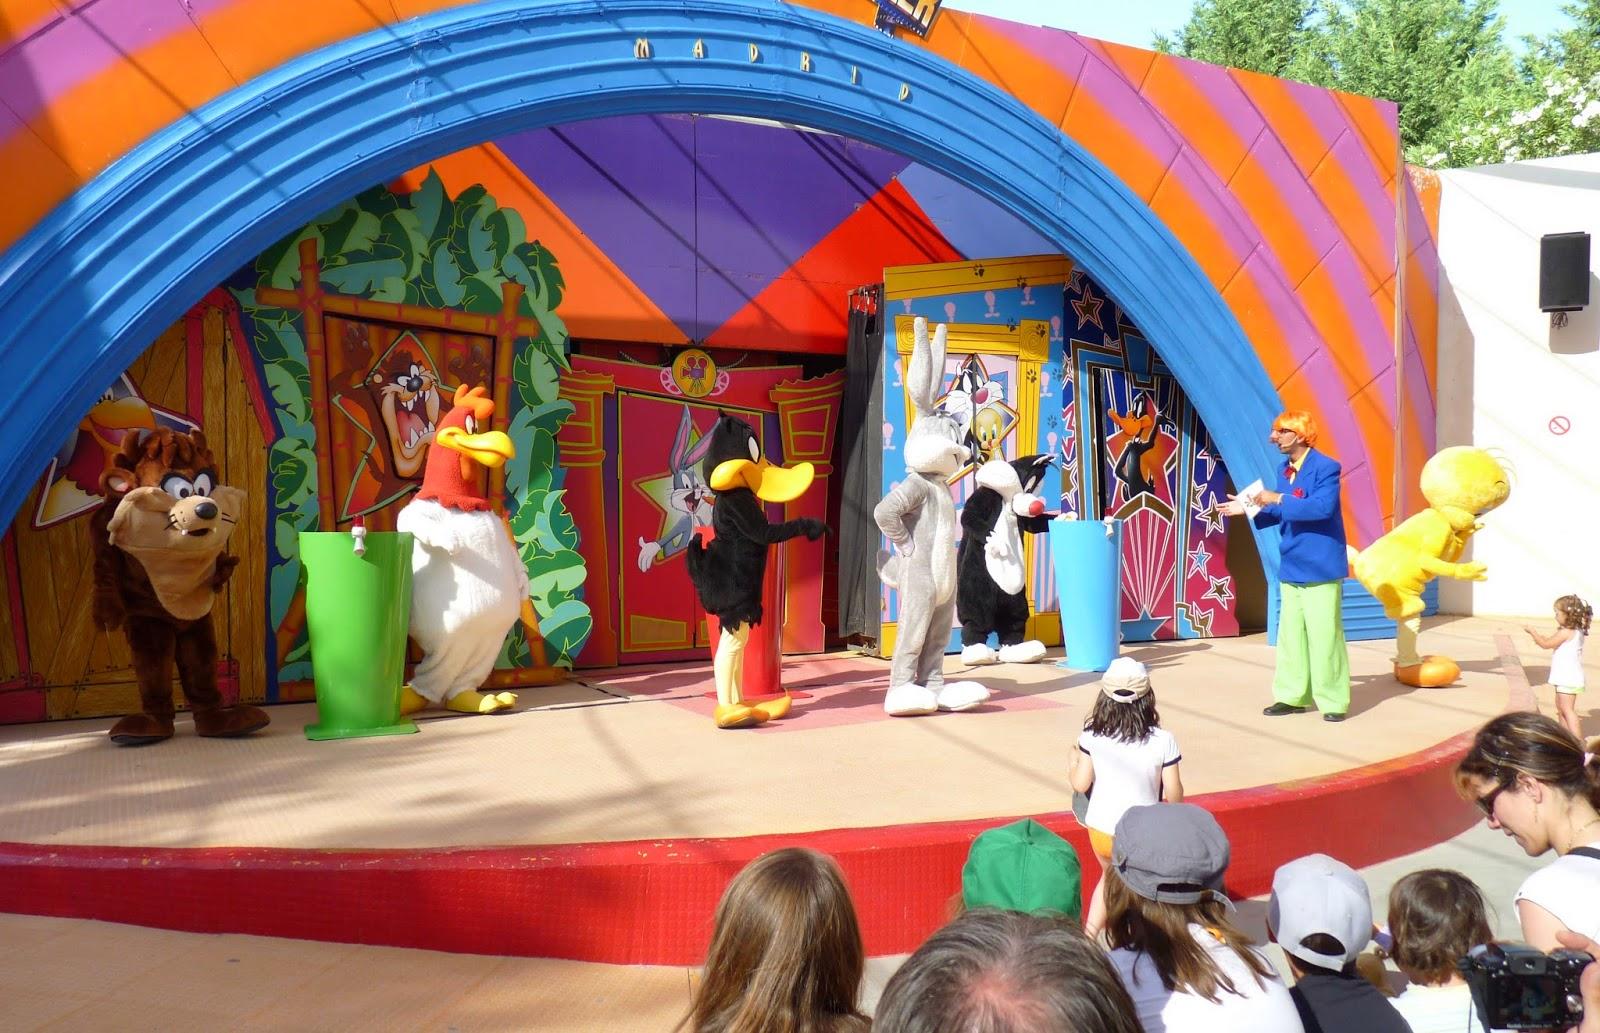 Teatro de los Looney Tunes.